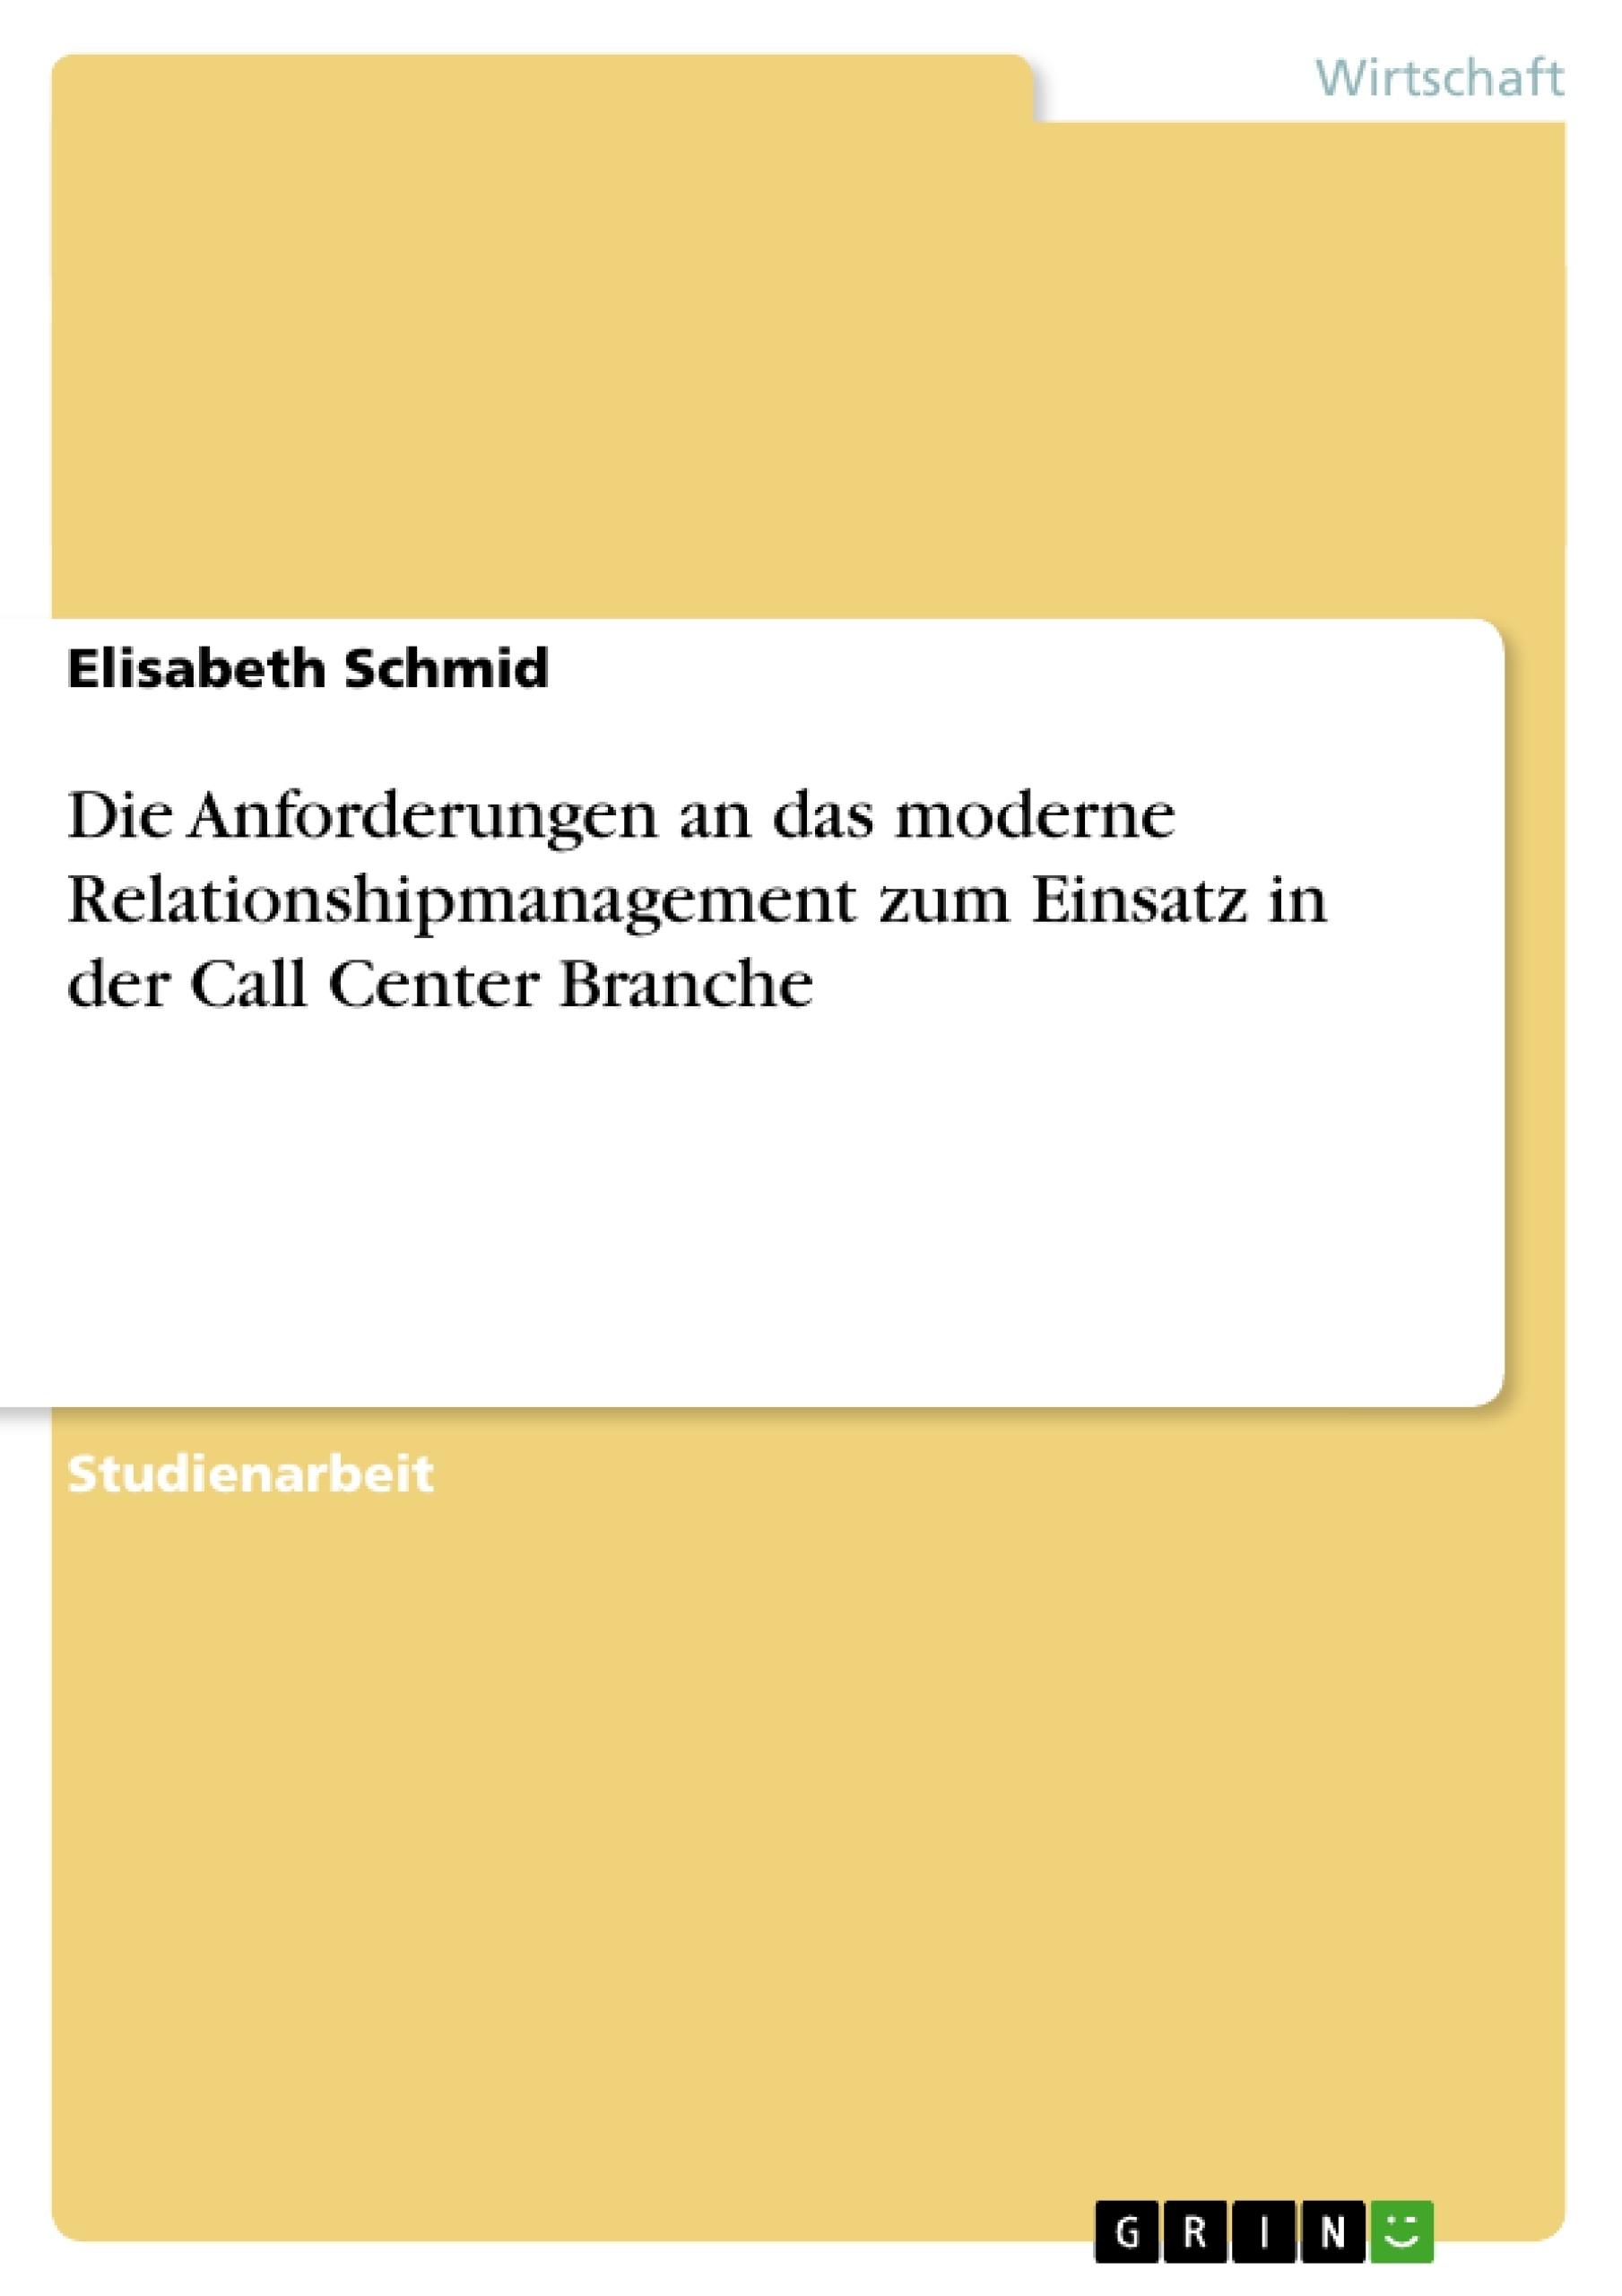 Titel: Die Anforderungen an das moderne Relationshipmanagement zum Einsatz in der Call Center Branche